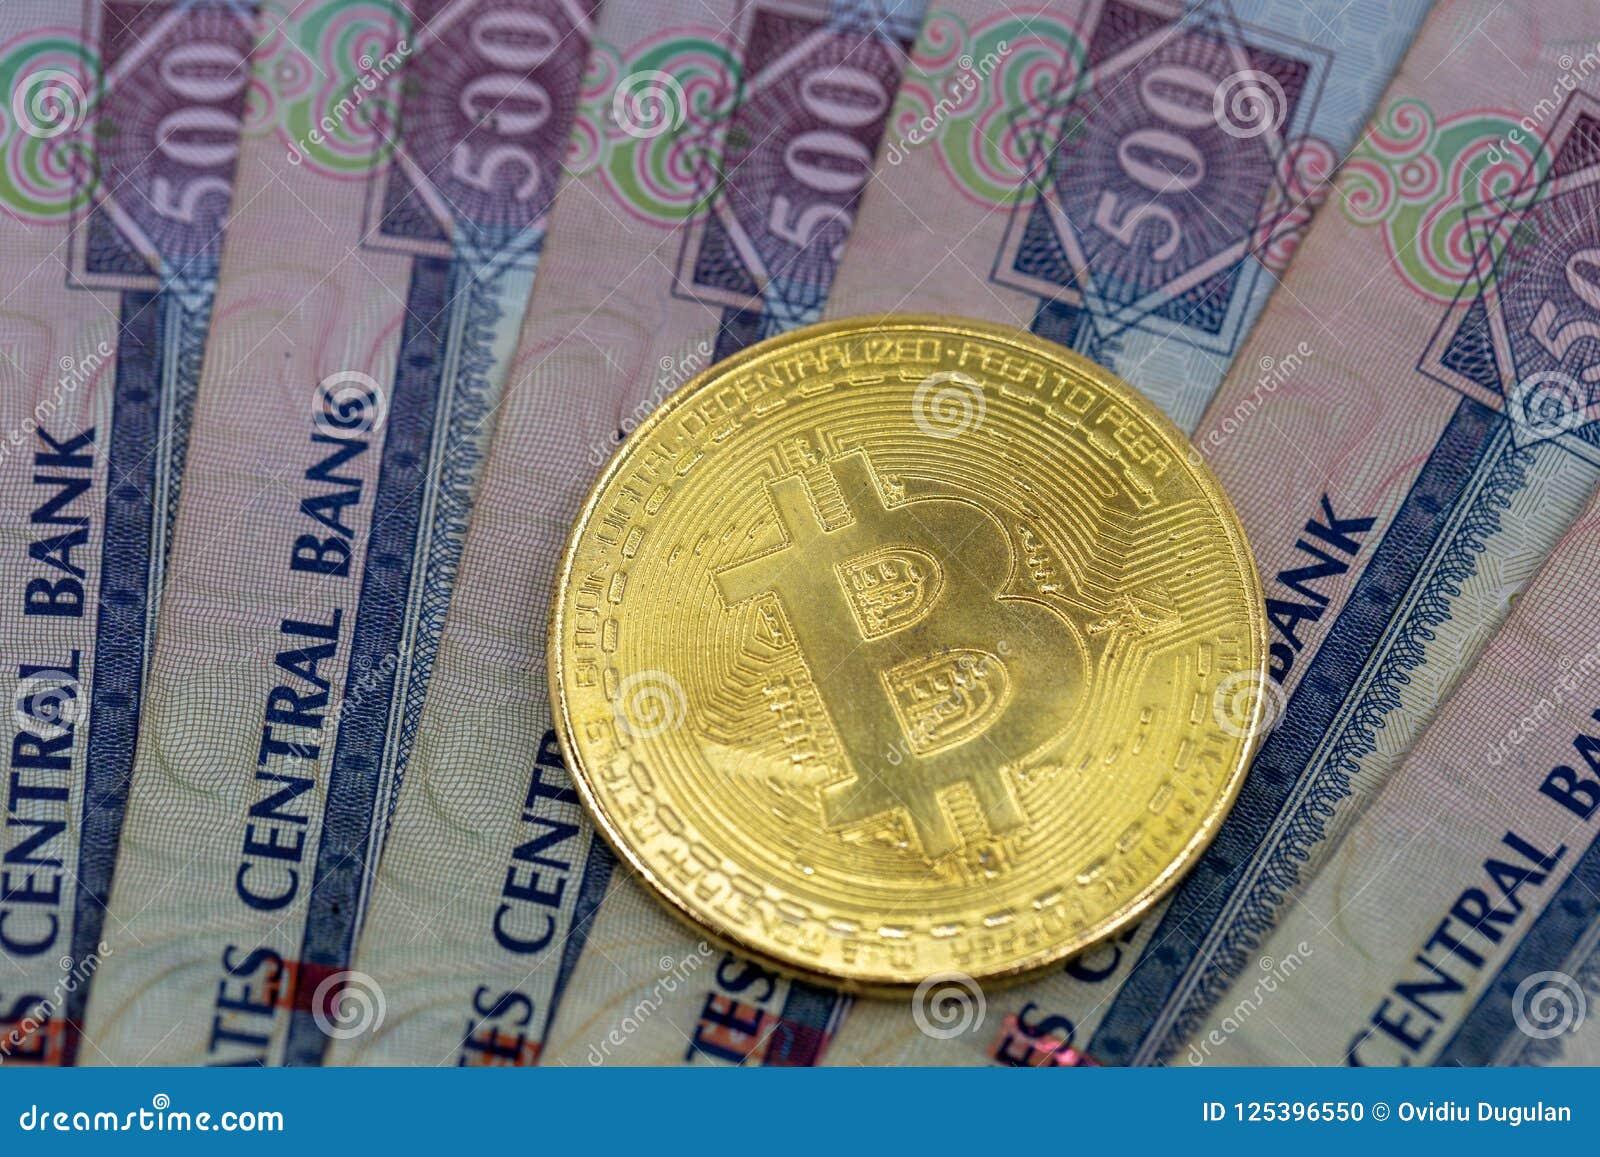 bitcoin di dirham bitcoin atm singapore 2021